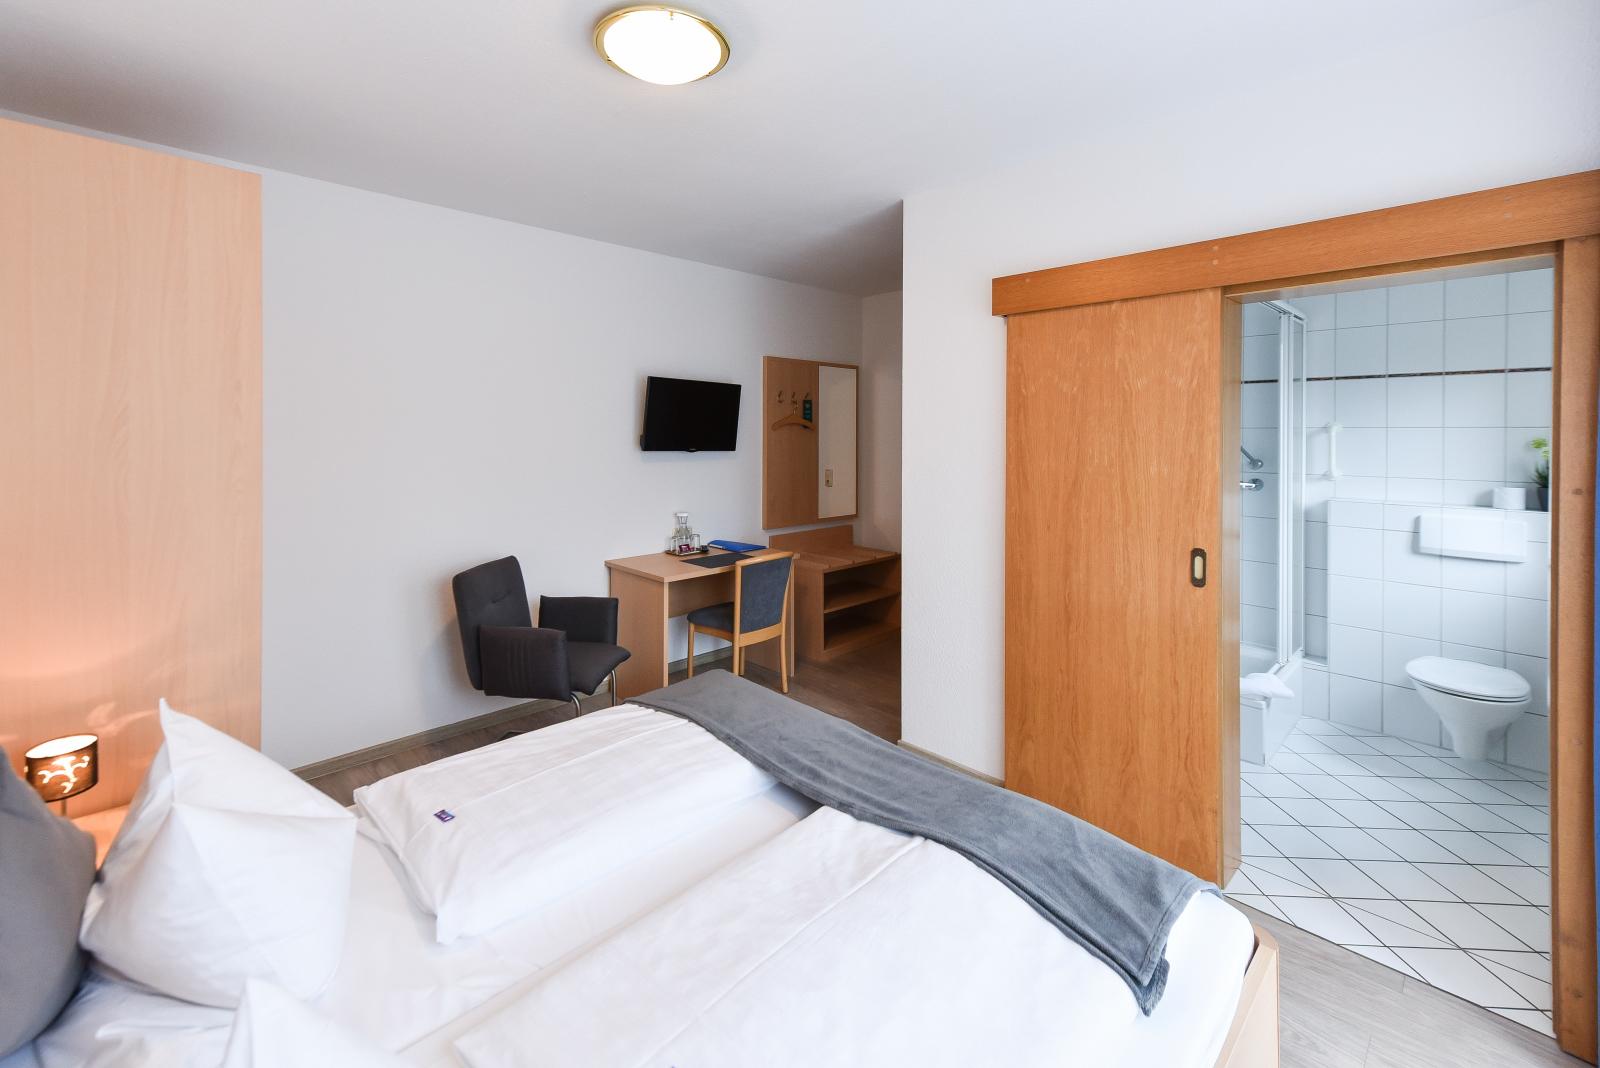 Doppelzimmer Standard mit Terrasse